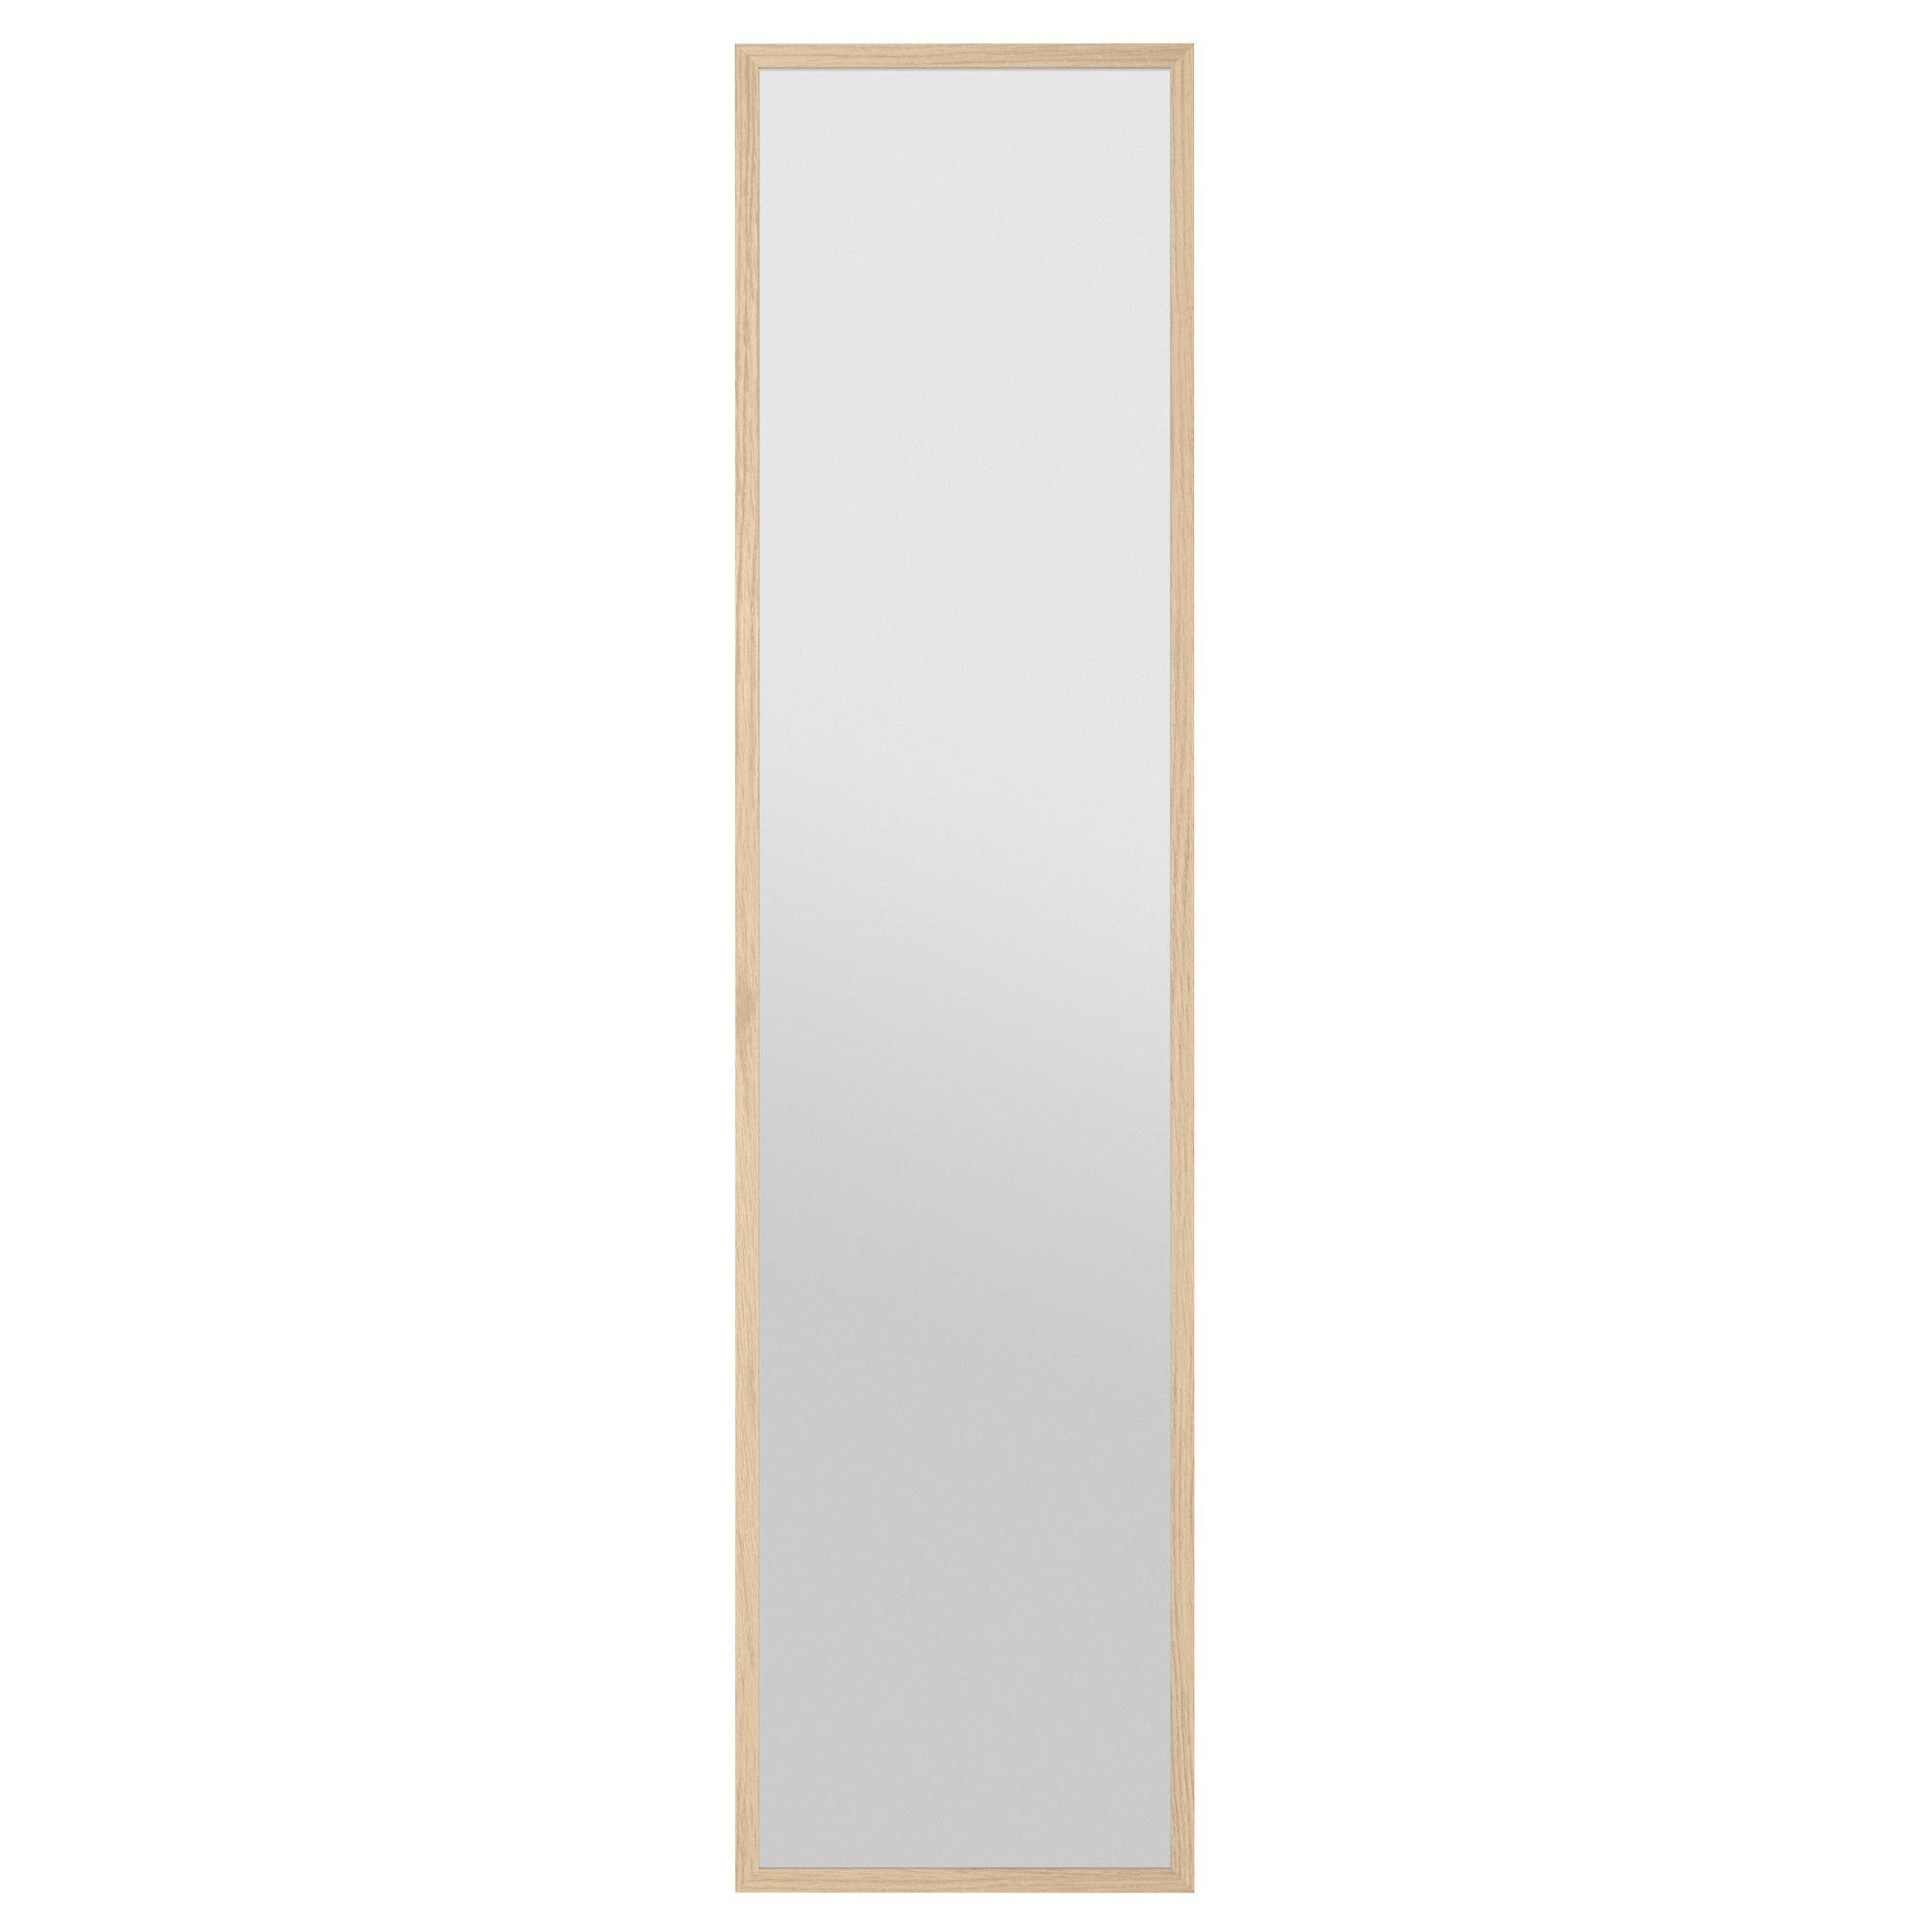 miroir grossissant ikea interesting miroir rond castorama miroir grossissant with miroir. Black Bedroom Furniture Sets. Home Design Ideas